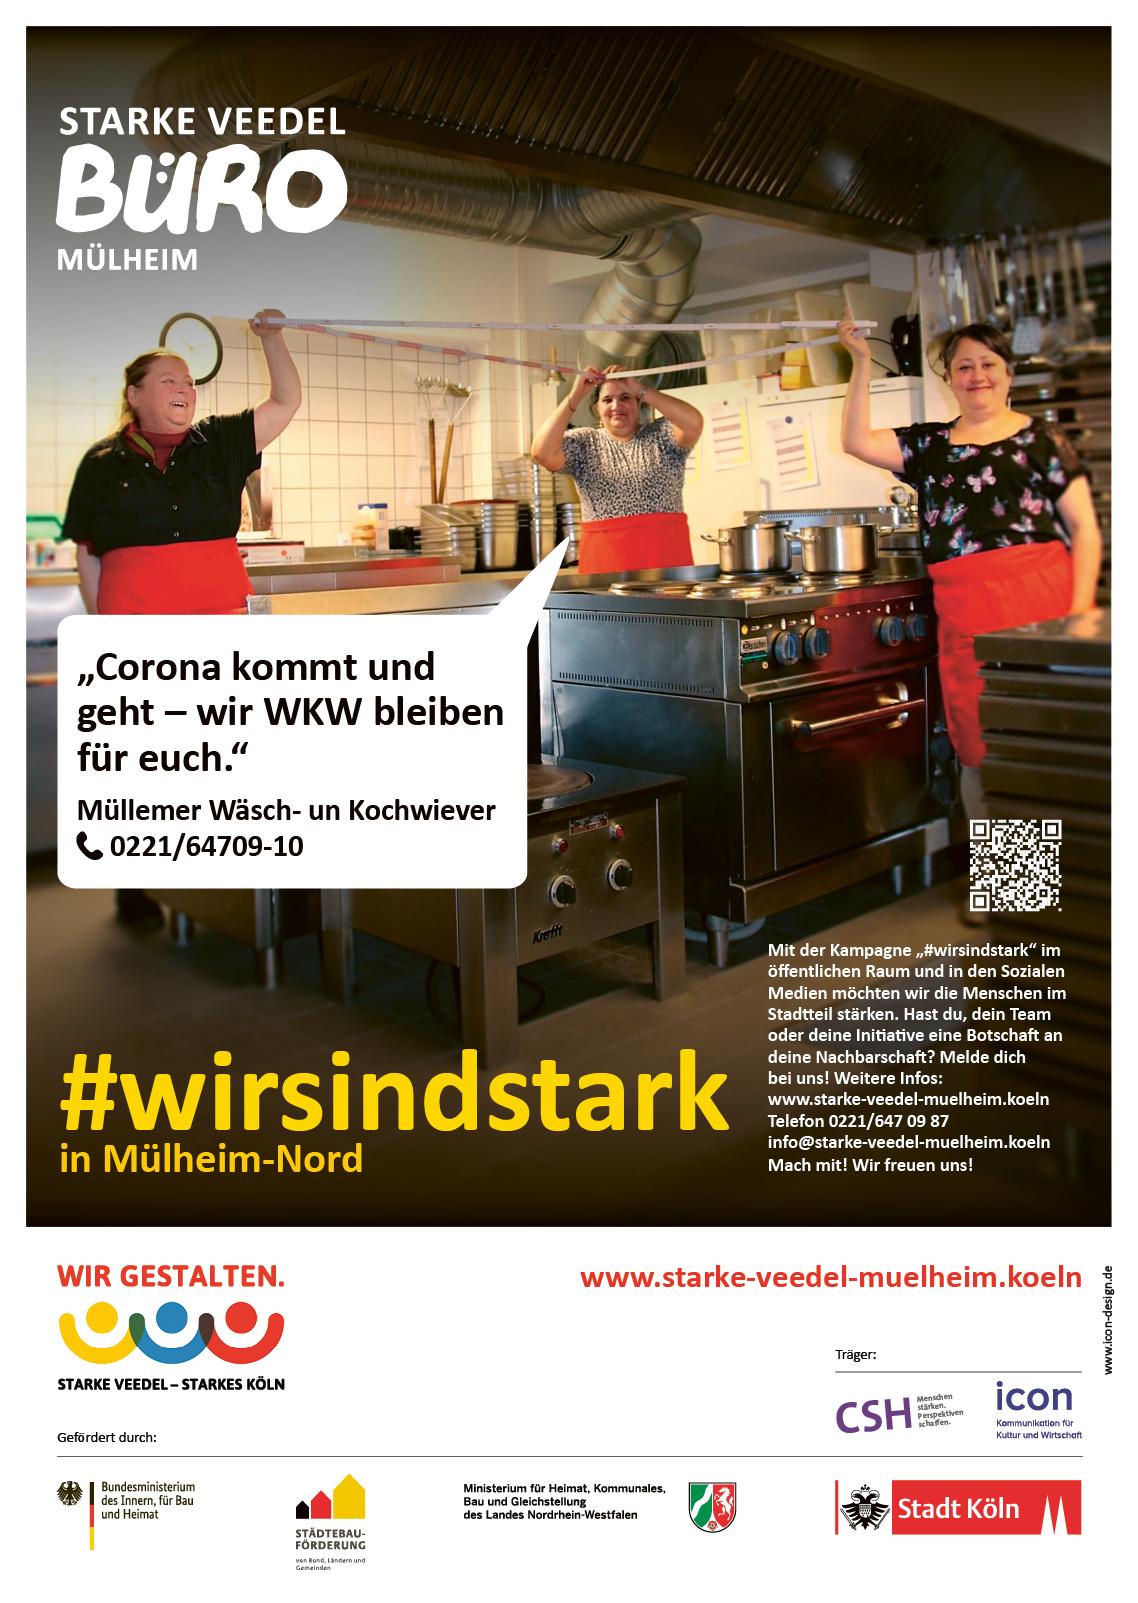 """Das erste Poster aus der Serie """"#wirsindstark"""" mit den Müllemer Wäsch- un Kochwiever"""